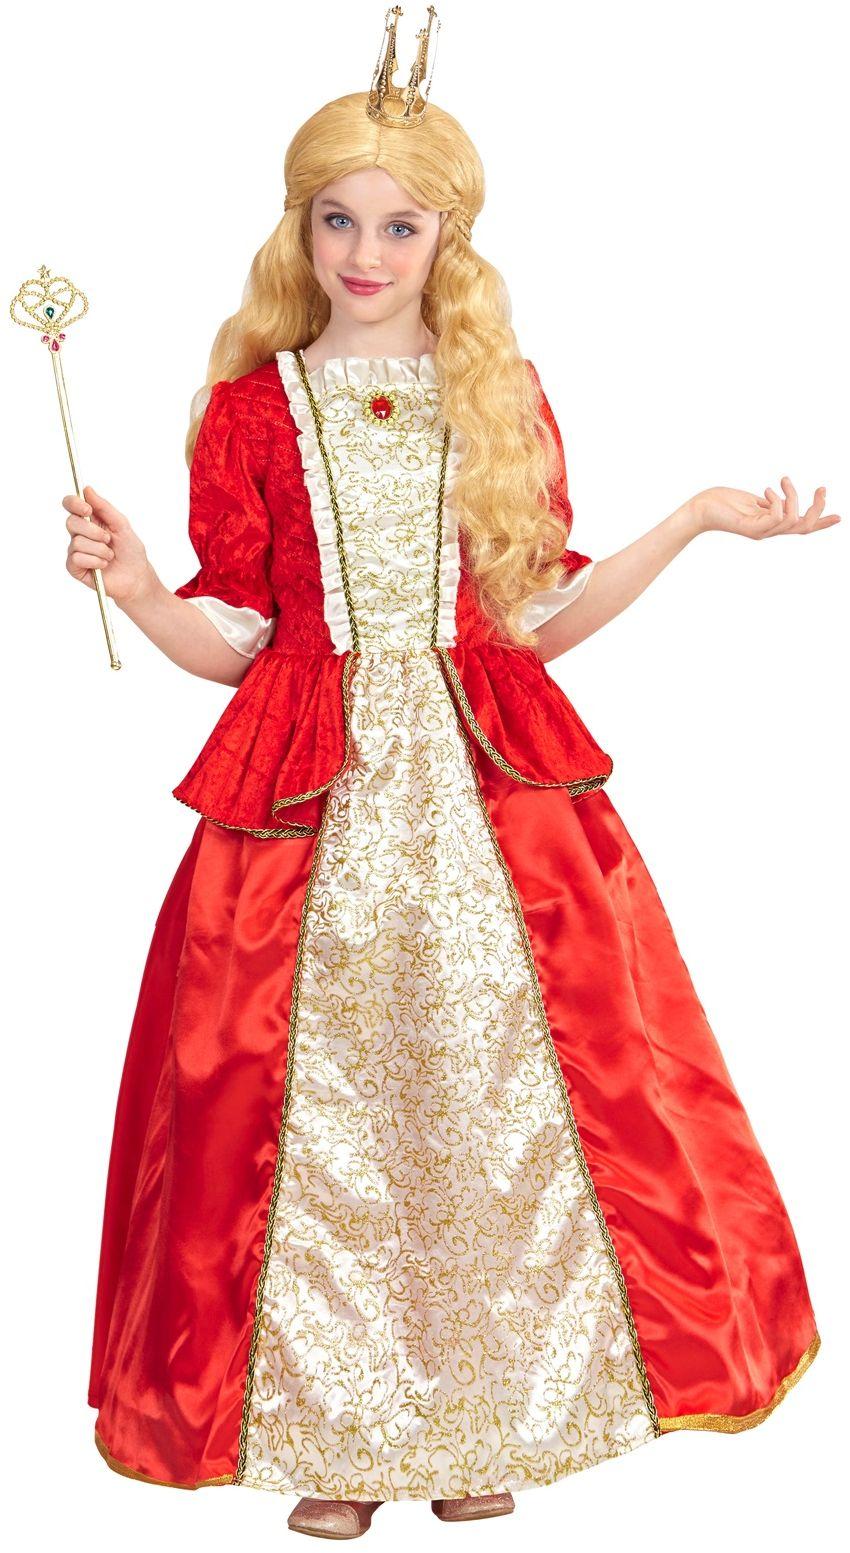 Koningin kostuum kind